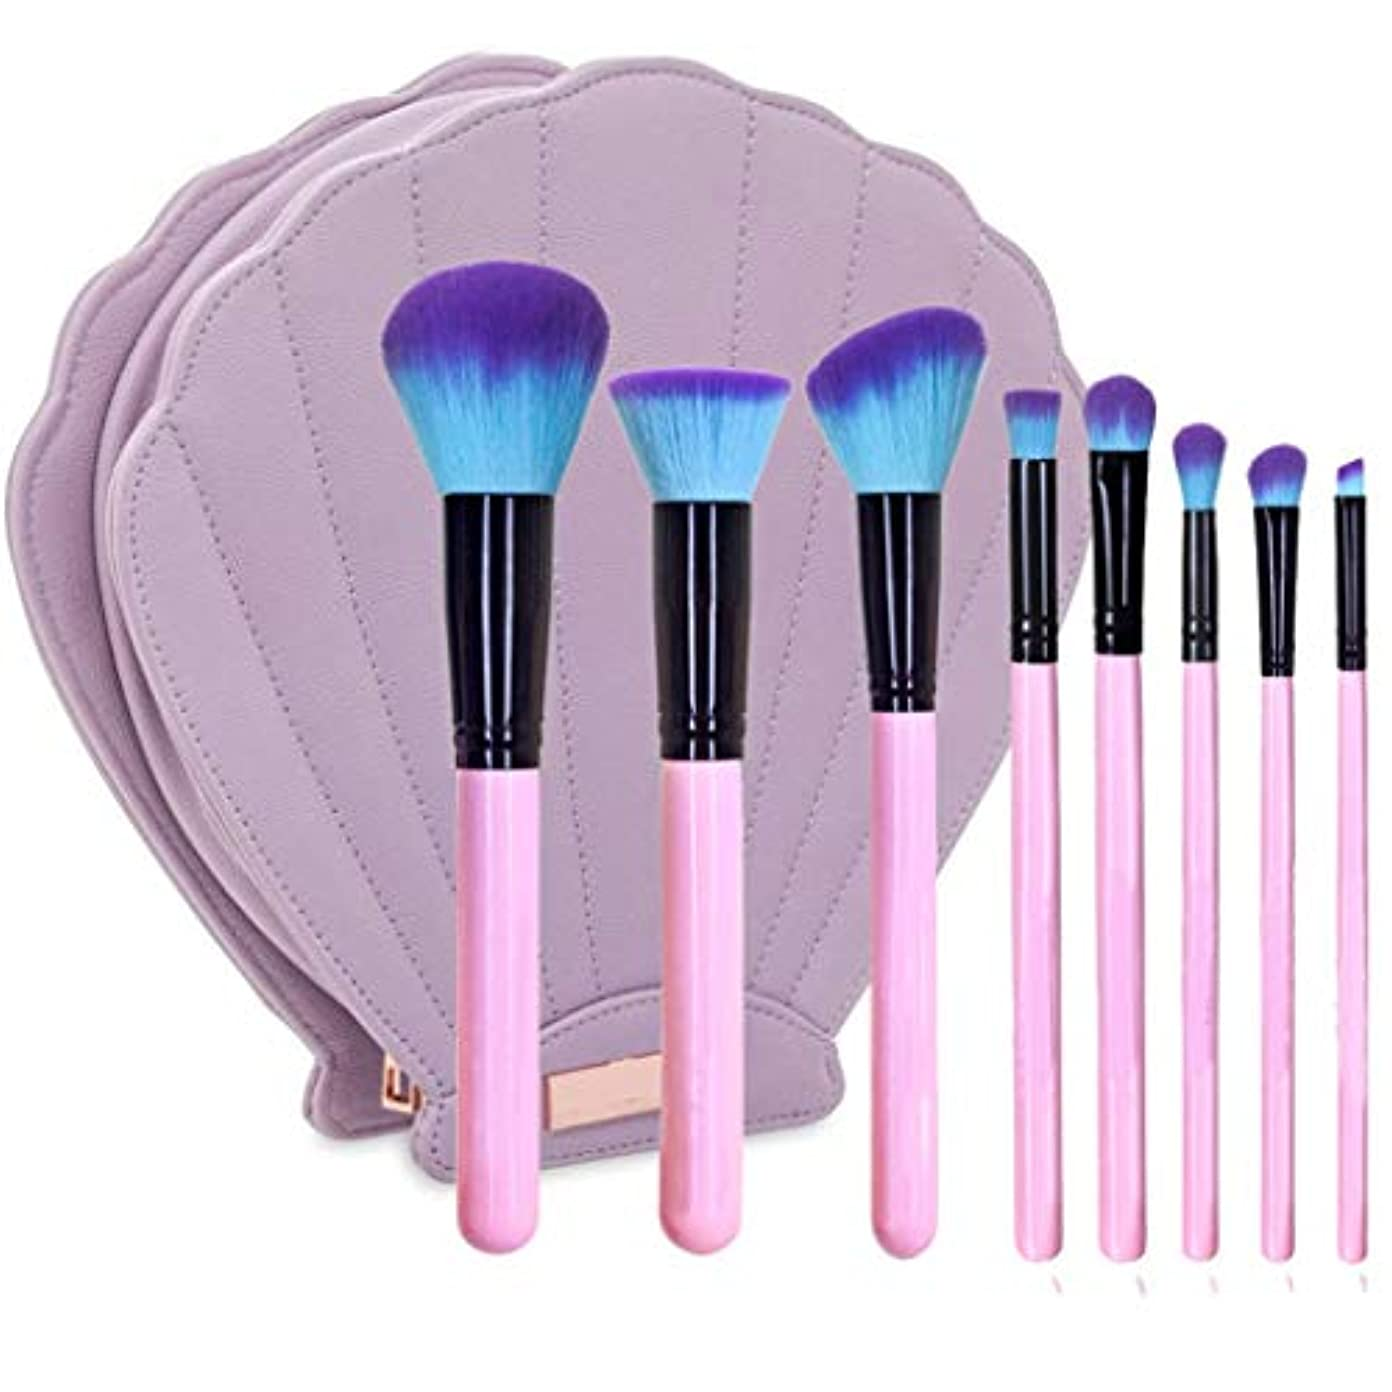 メカニック欠かせない驚かす10シェルバッグ化粧ブラシブルーパープルジッパーバッグセットフルセットの化粧道具,Pink